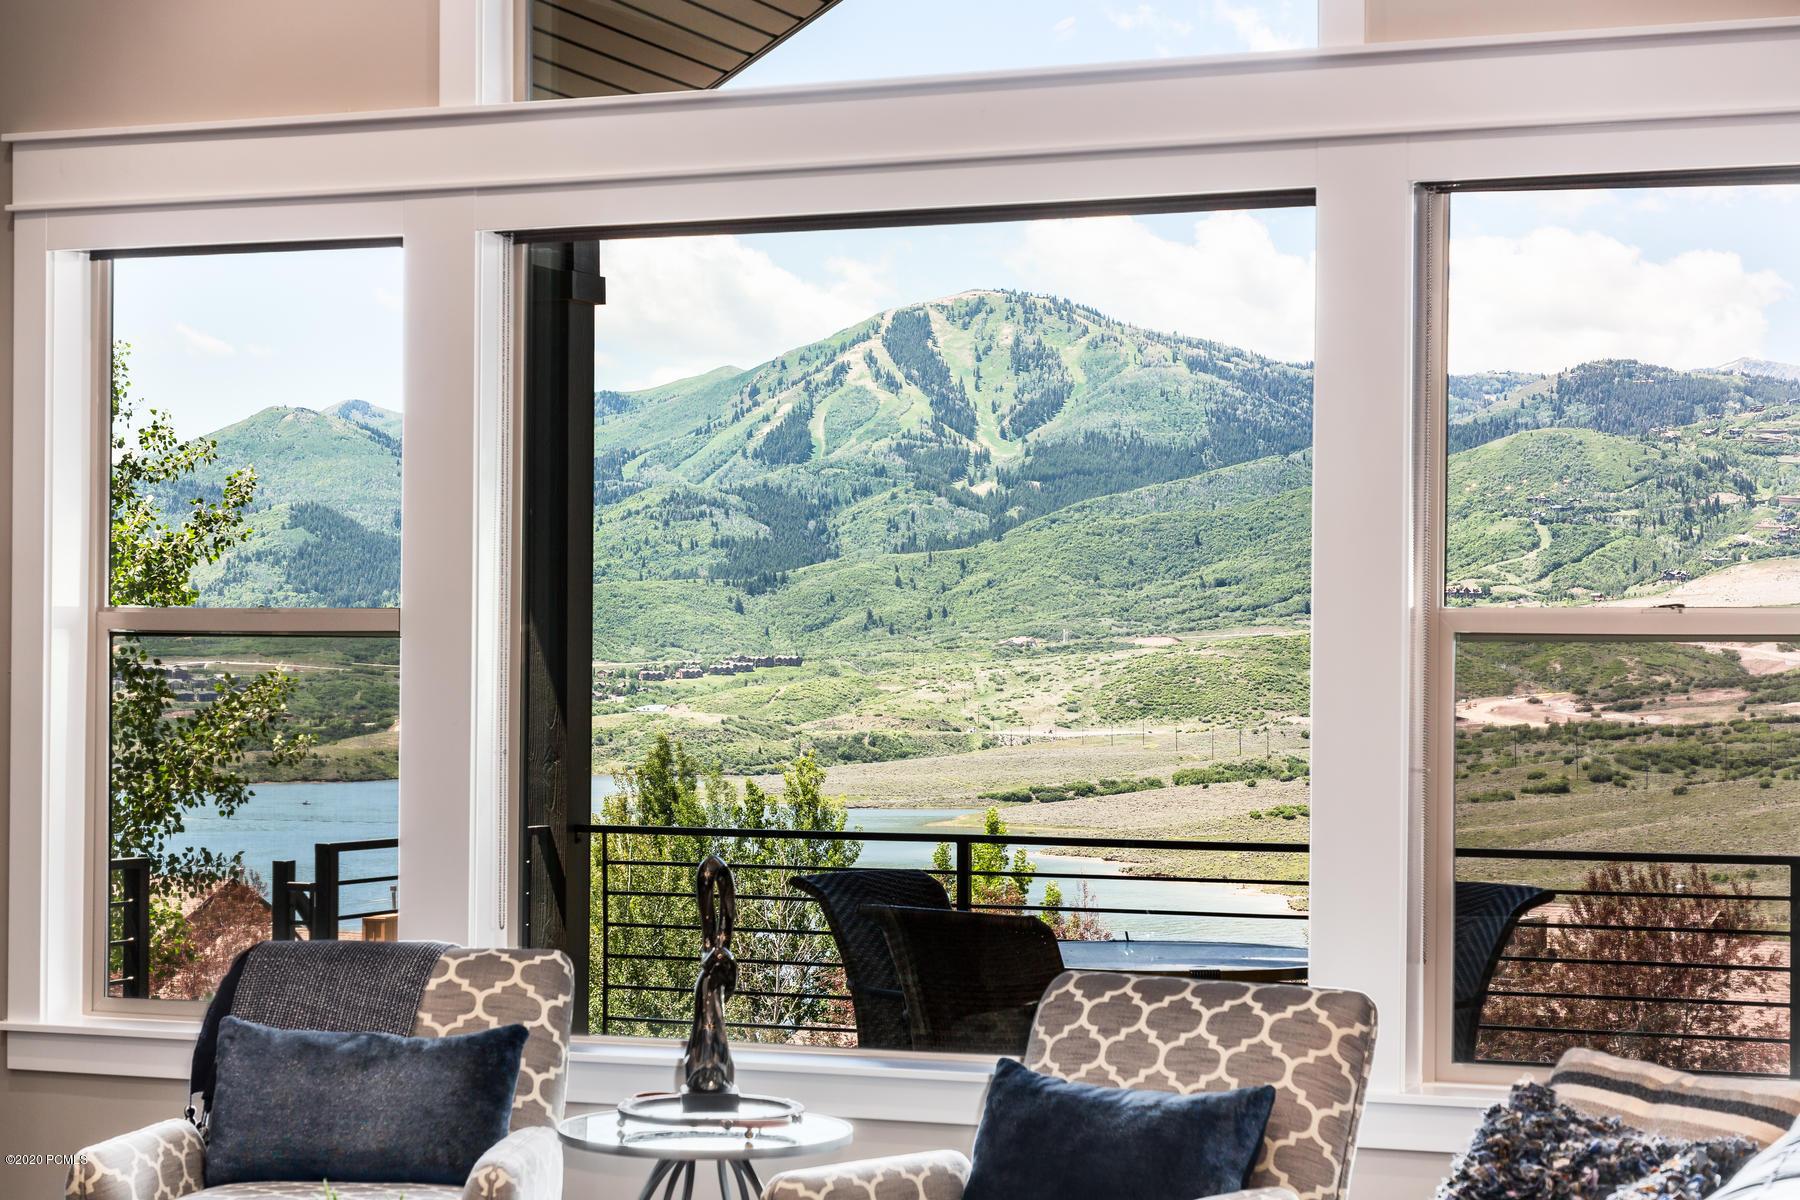 12335 Deer Mountain Boulevard, Kamas, Utah 84036, 5 Bedrooms Bedrooms, ,4 BathroomsBathrooms,Single Family,For Sale,Deer Mountain,12002216